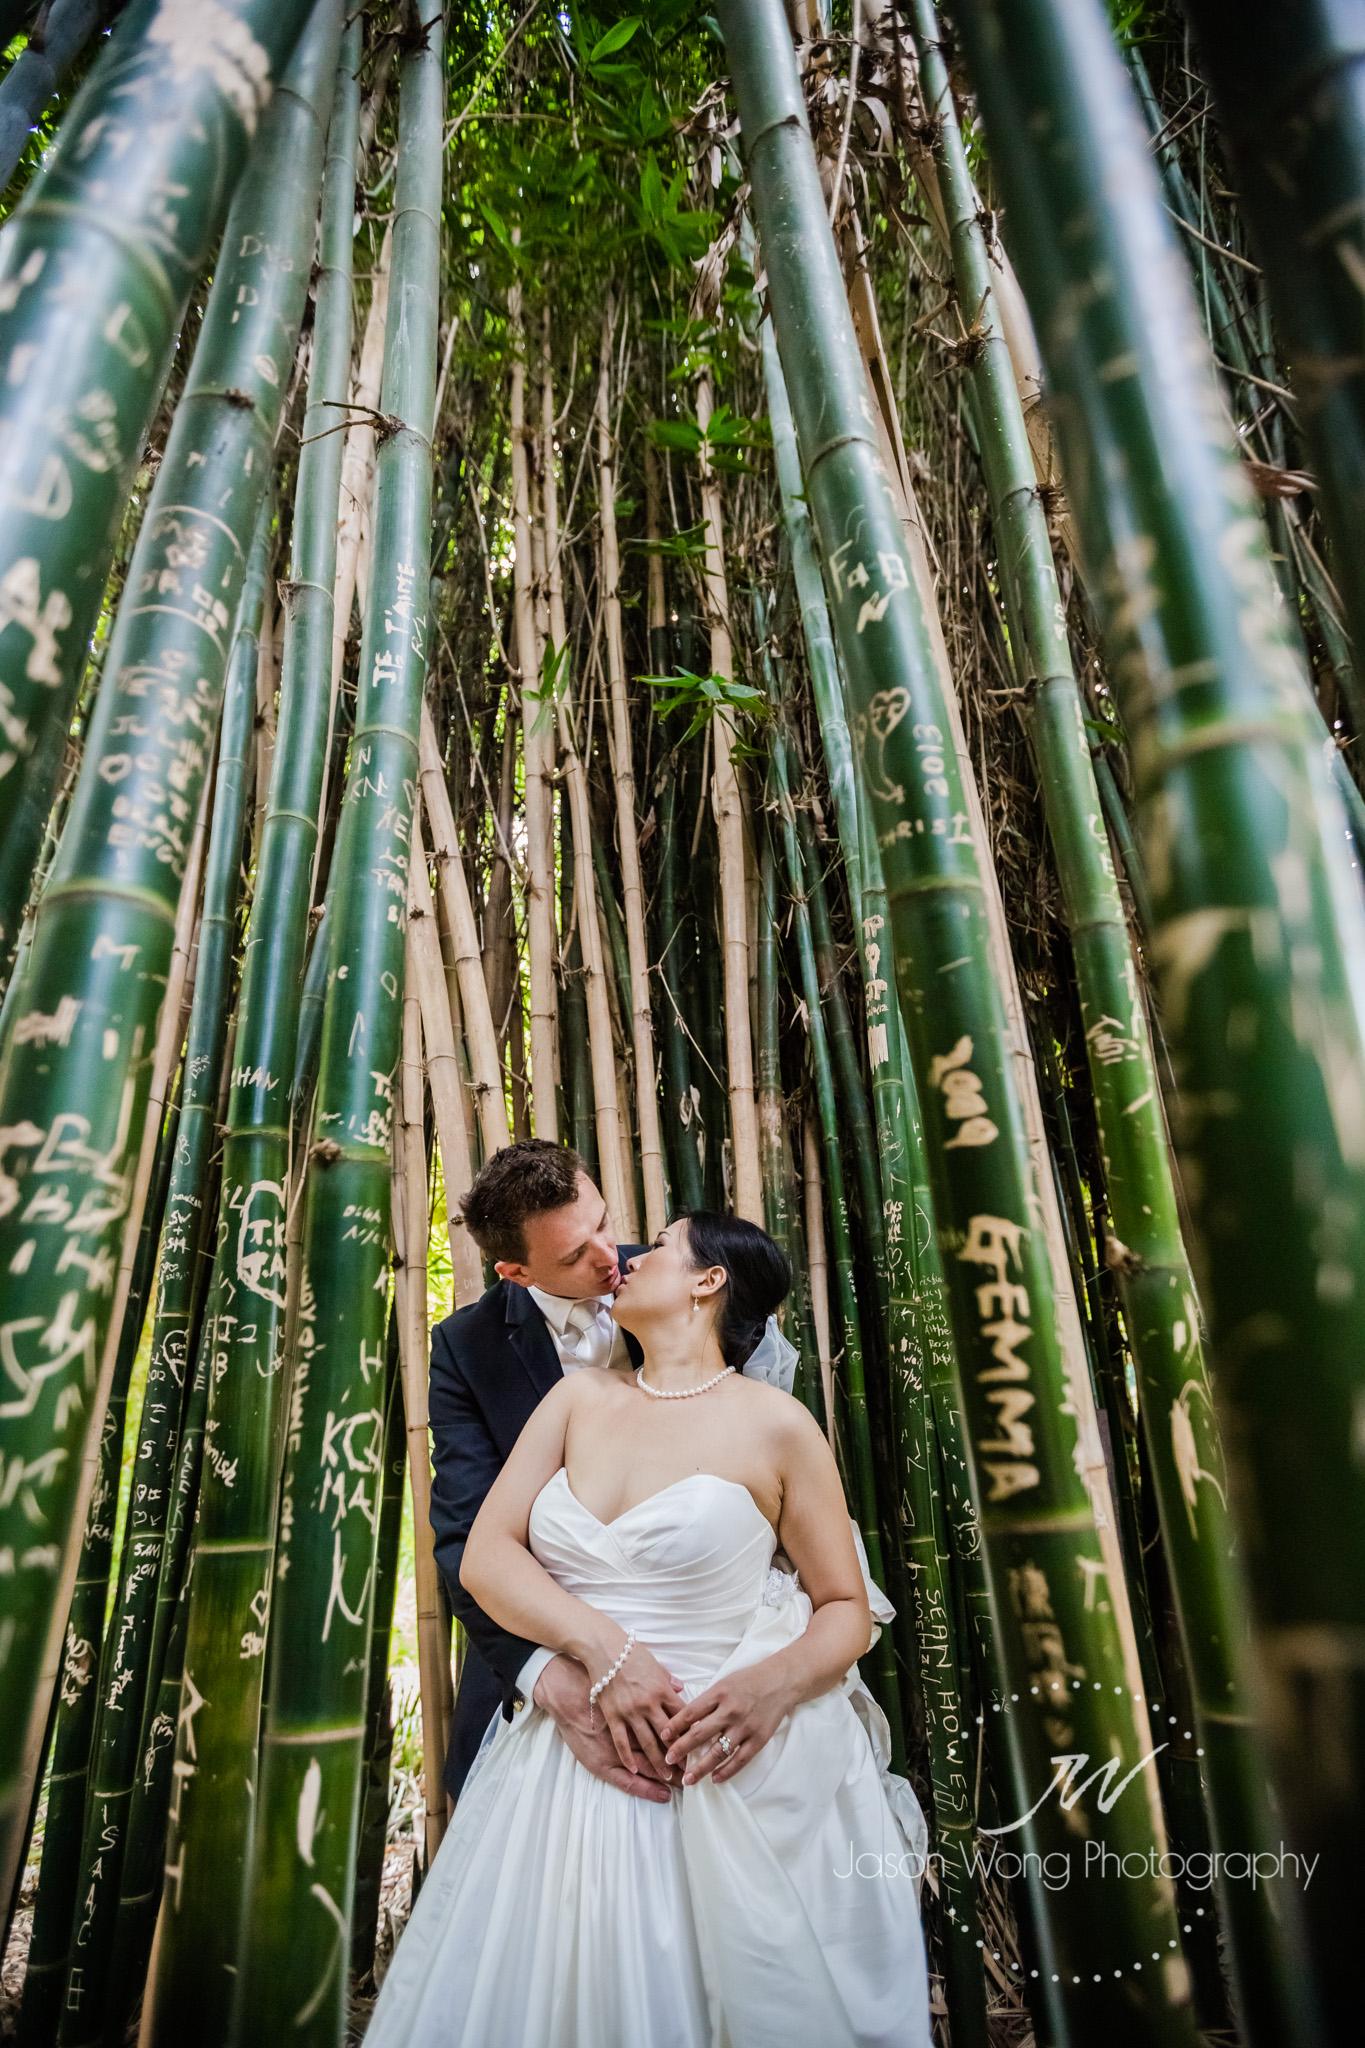 newlyweds-kissing-in-bamboo-jungle.jpg